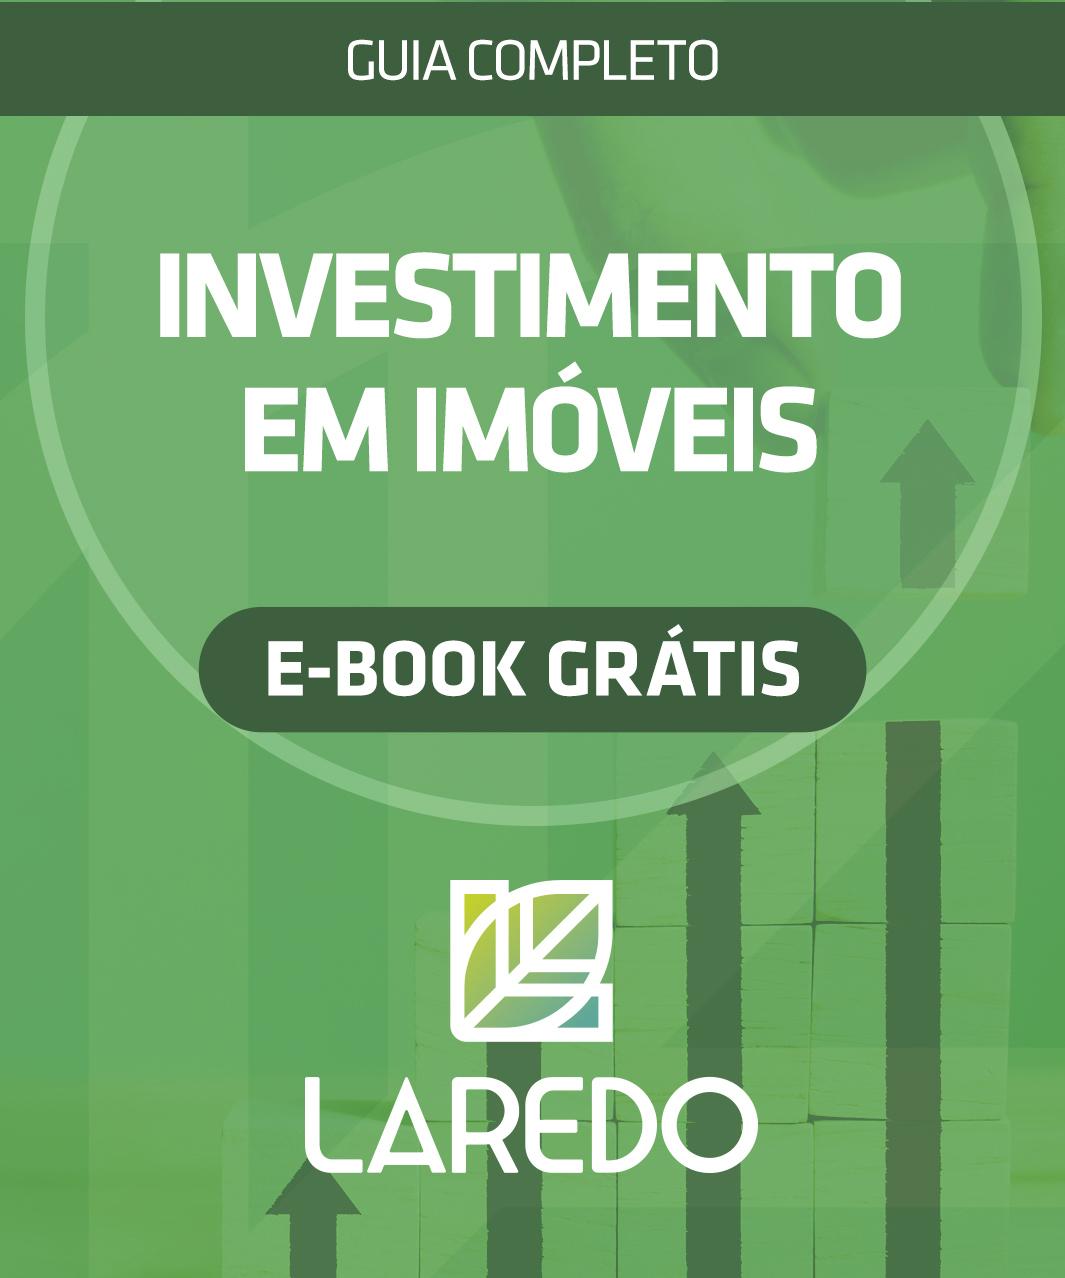 O guia completo sobre investimento em imóveis